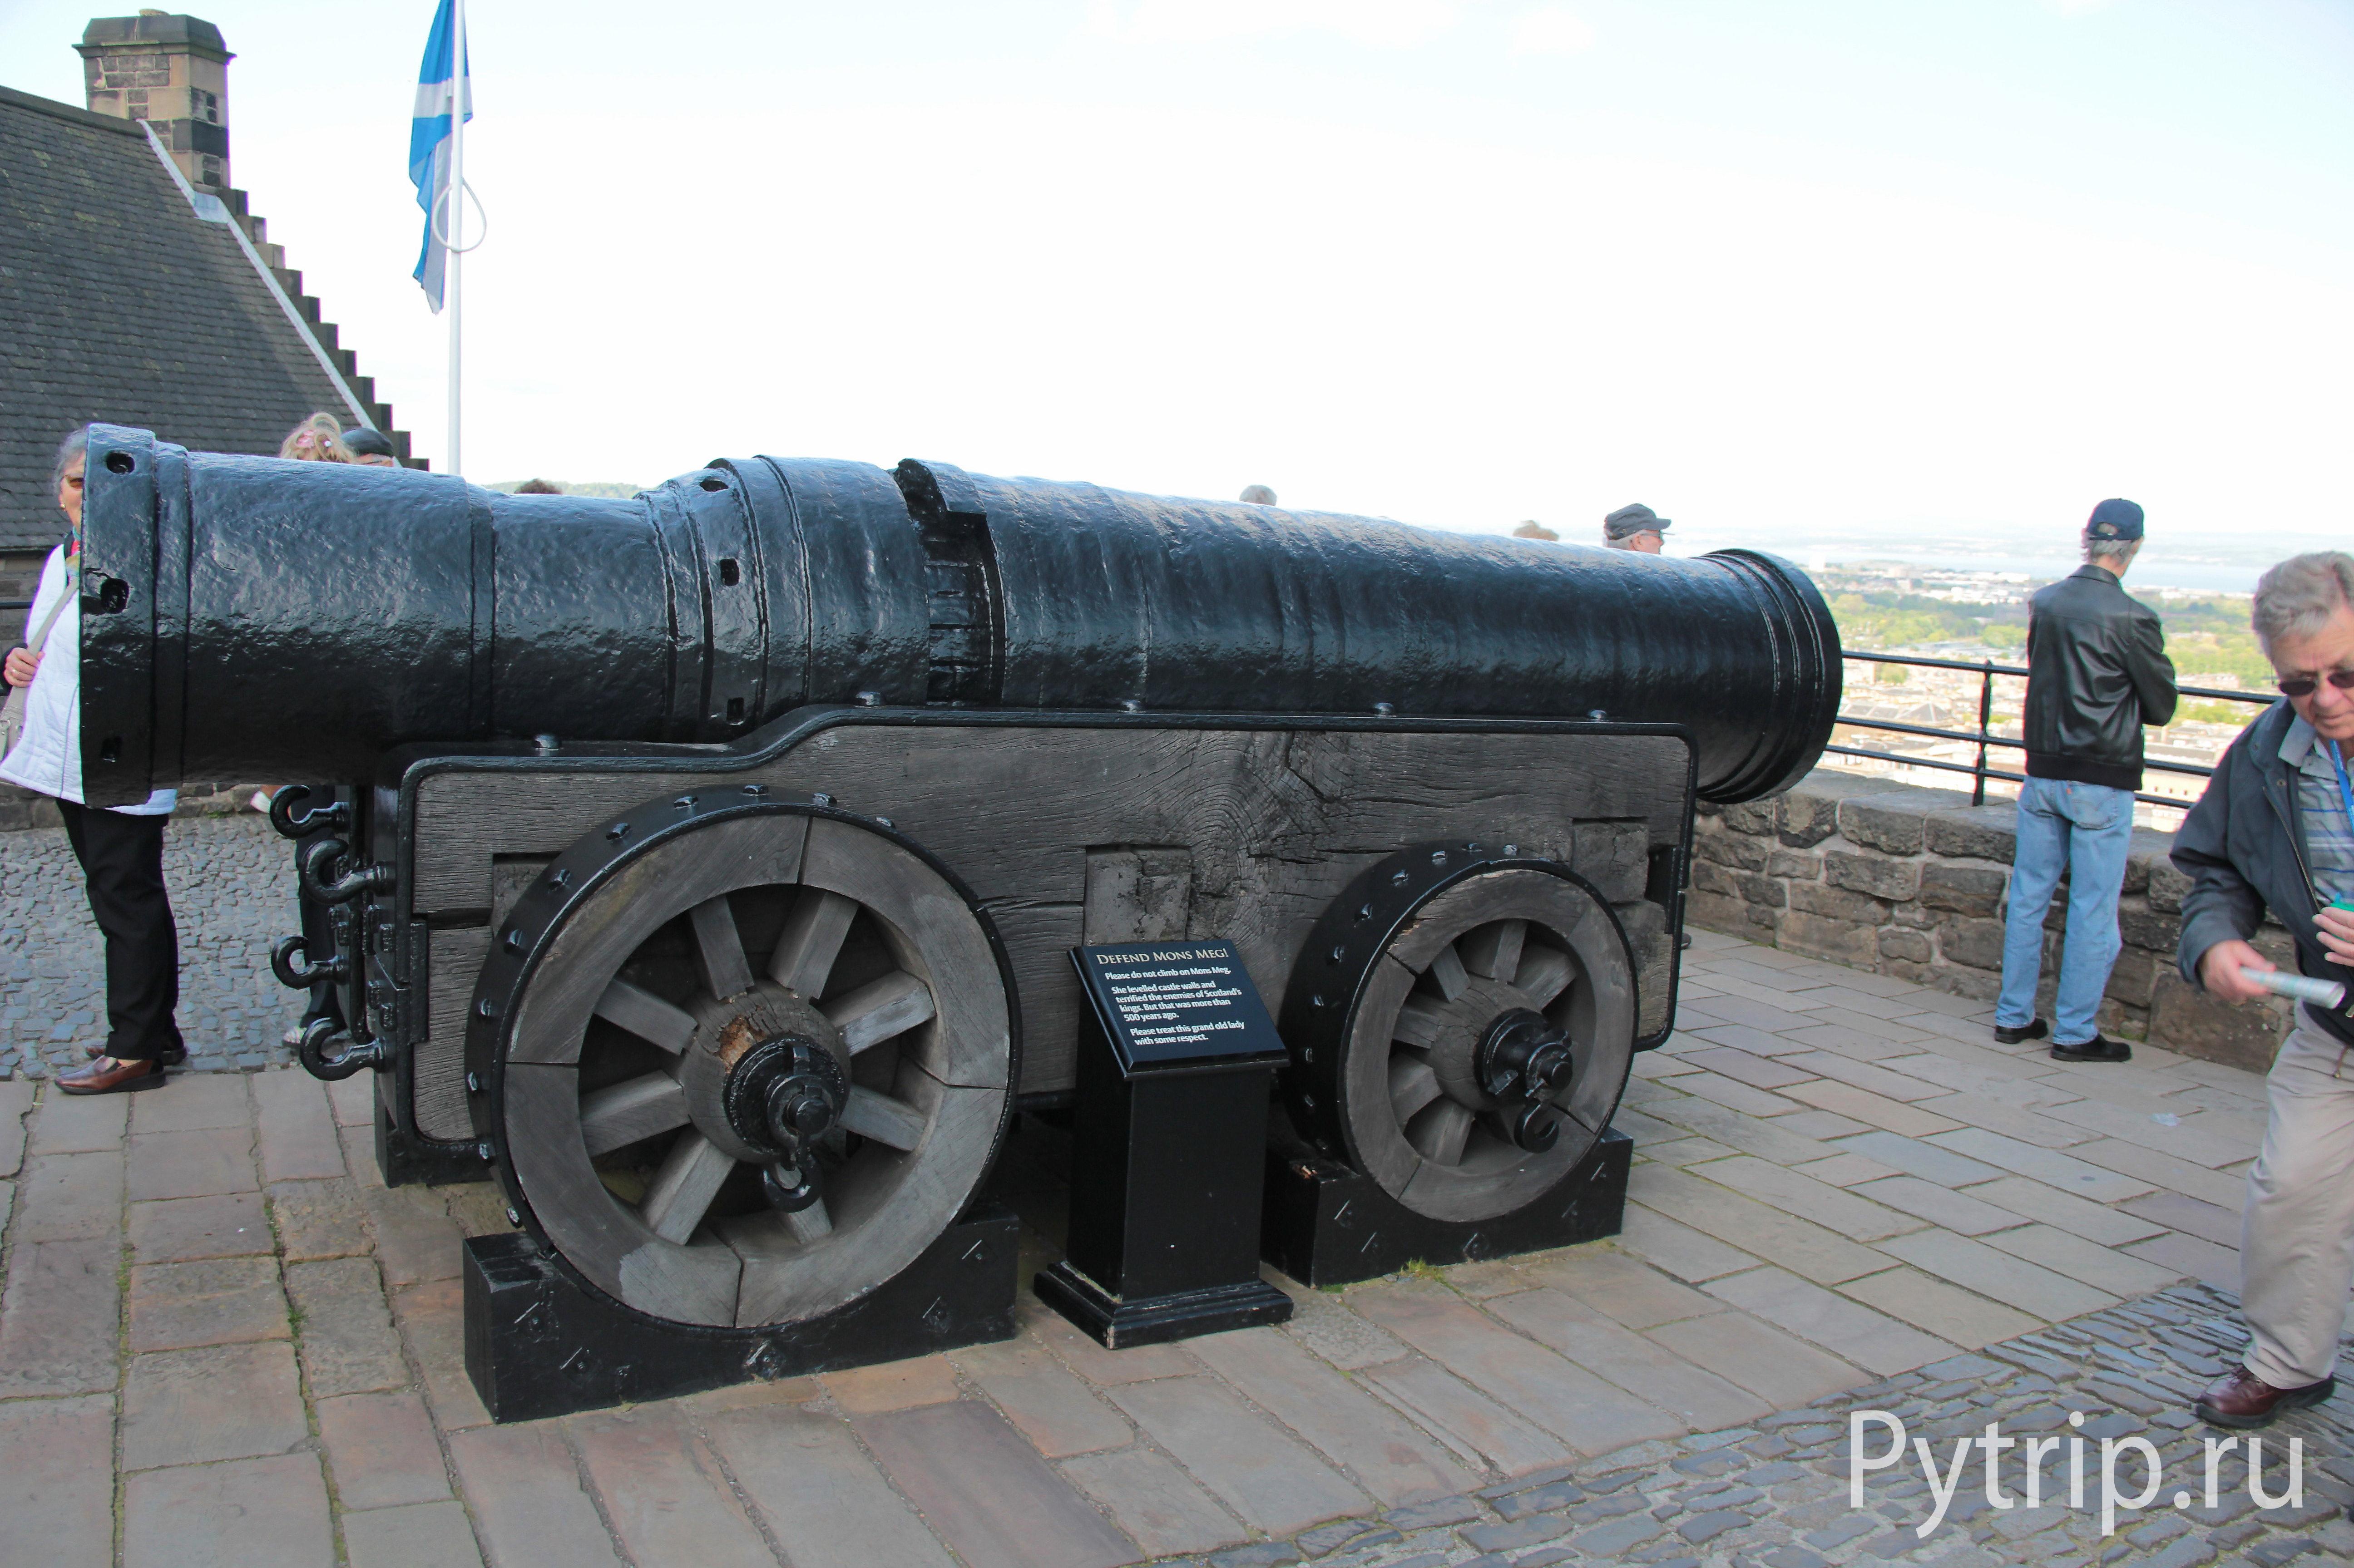 Пушка в Эдинбургском замке